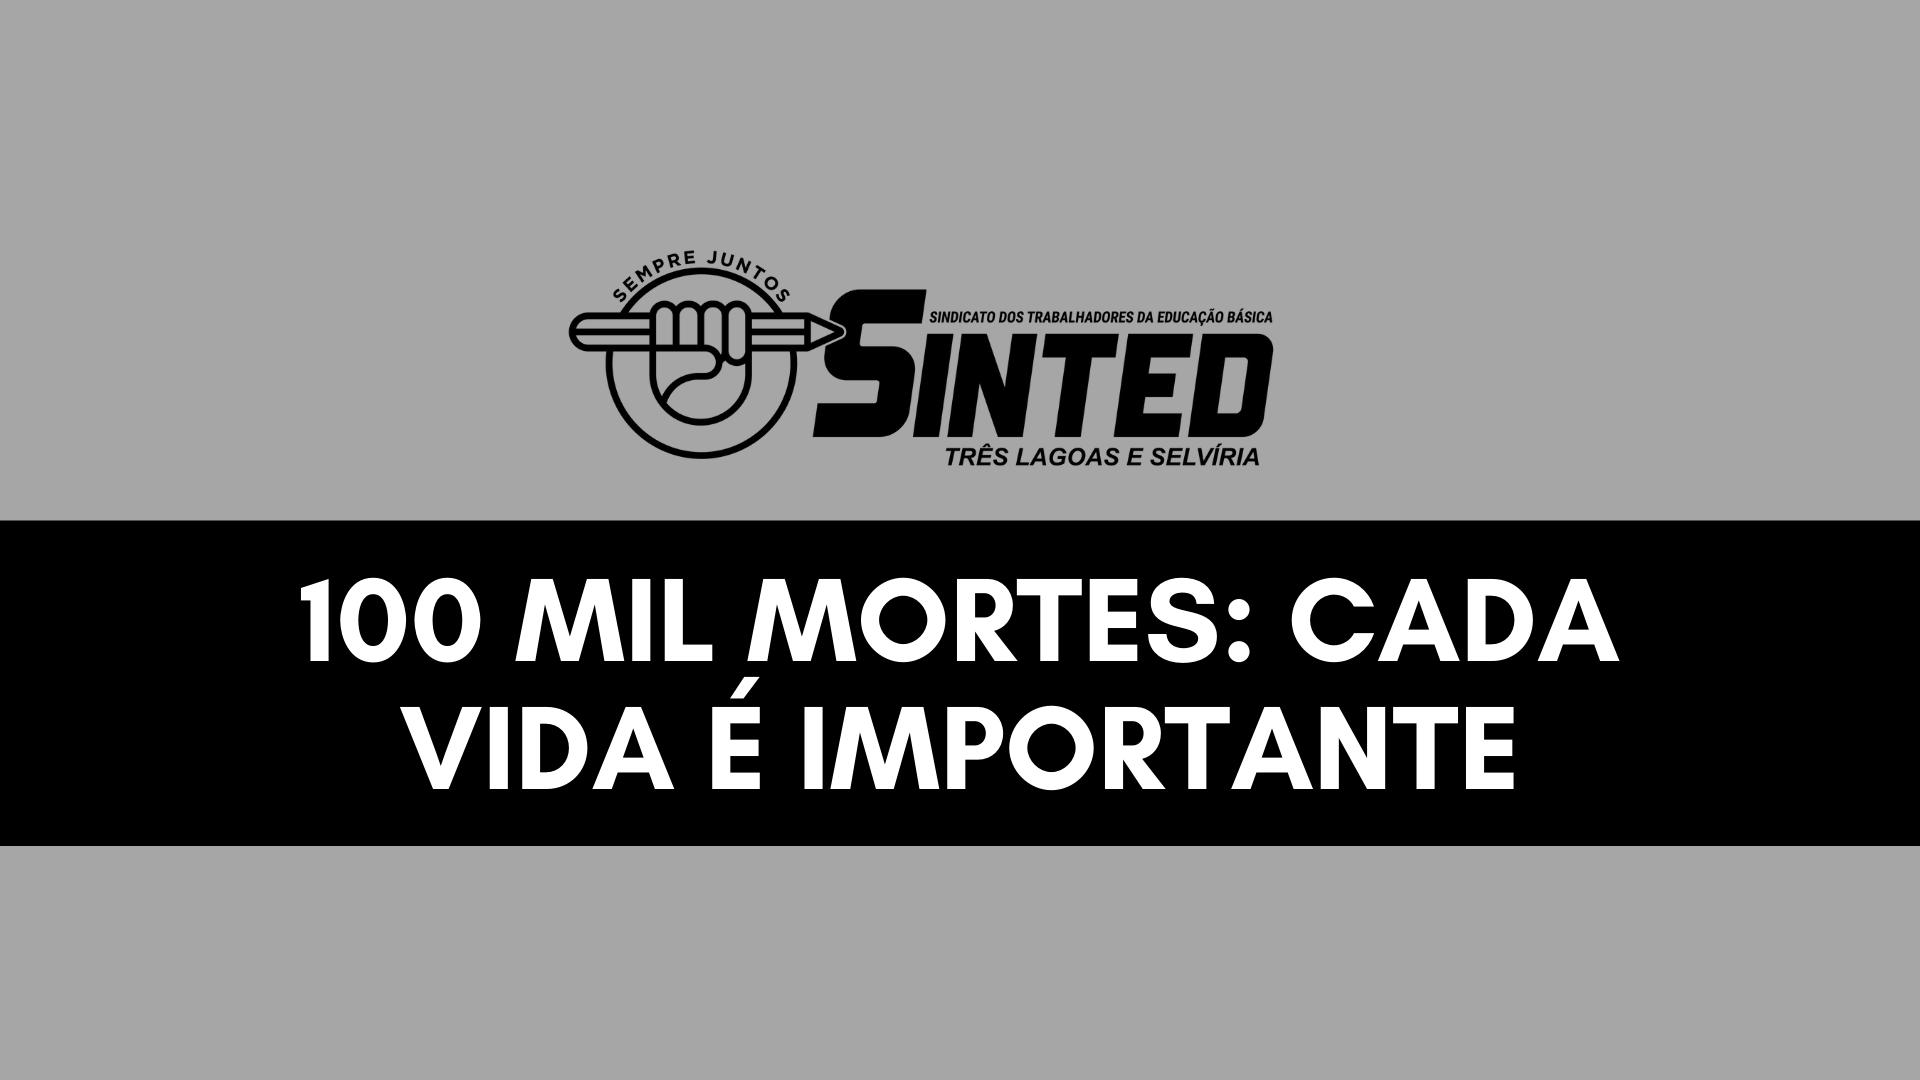 100 MIL MORTES: CADA VIDA É IMPORTANTE! 3